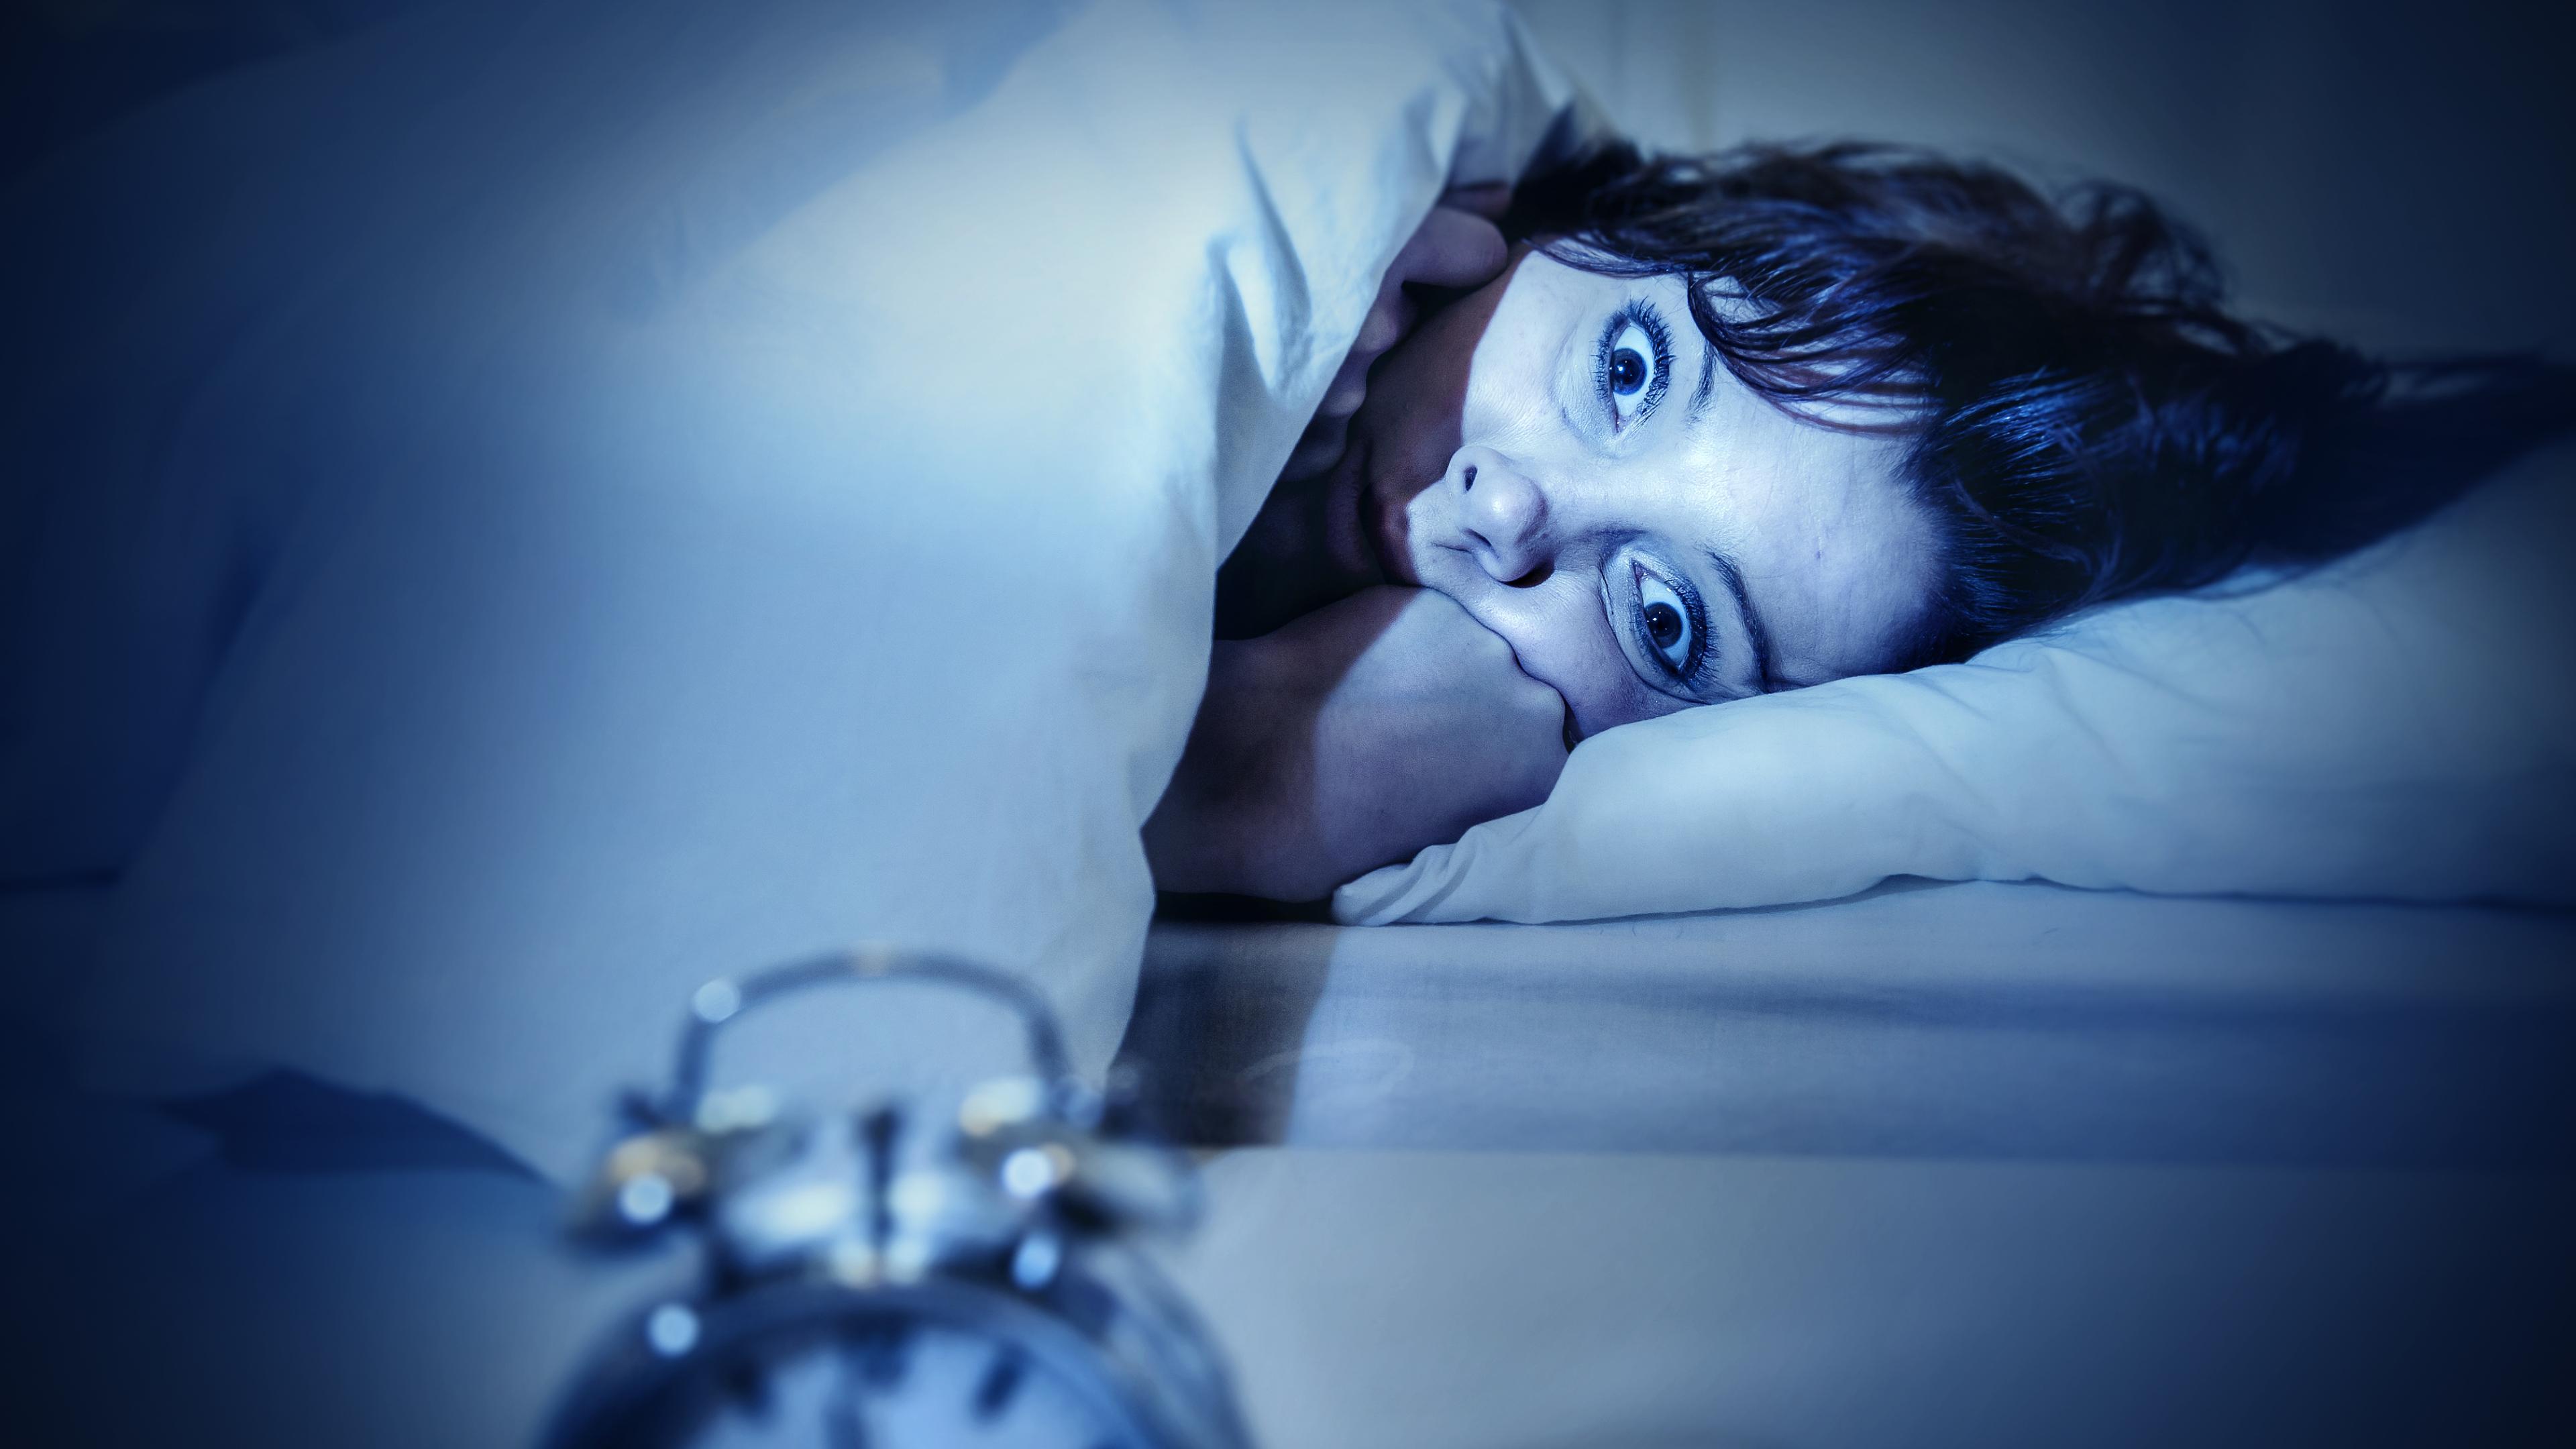 Плохой сон в течение месяца может «аукнуться» проблемами со здоровьем через год